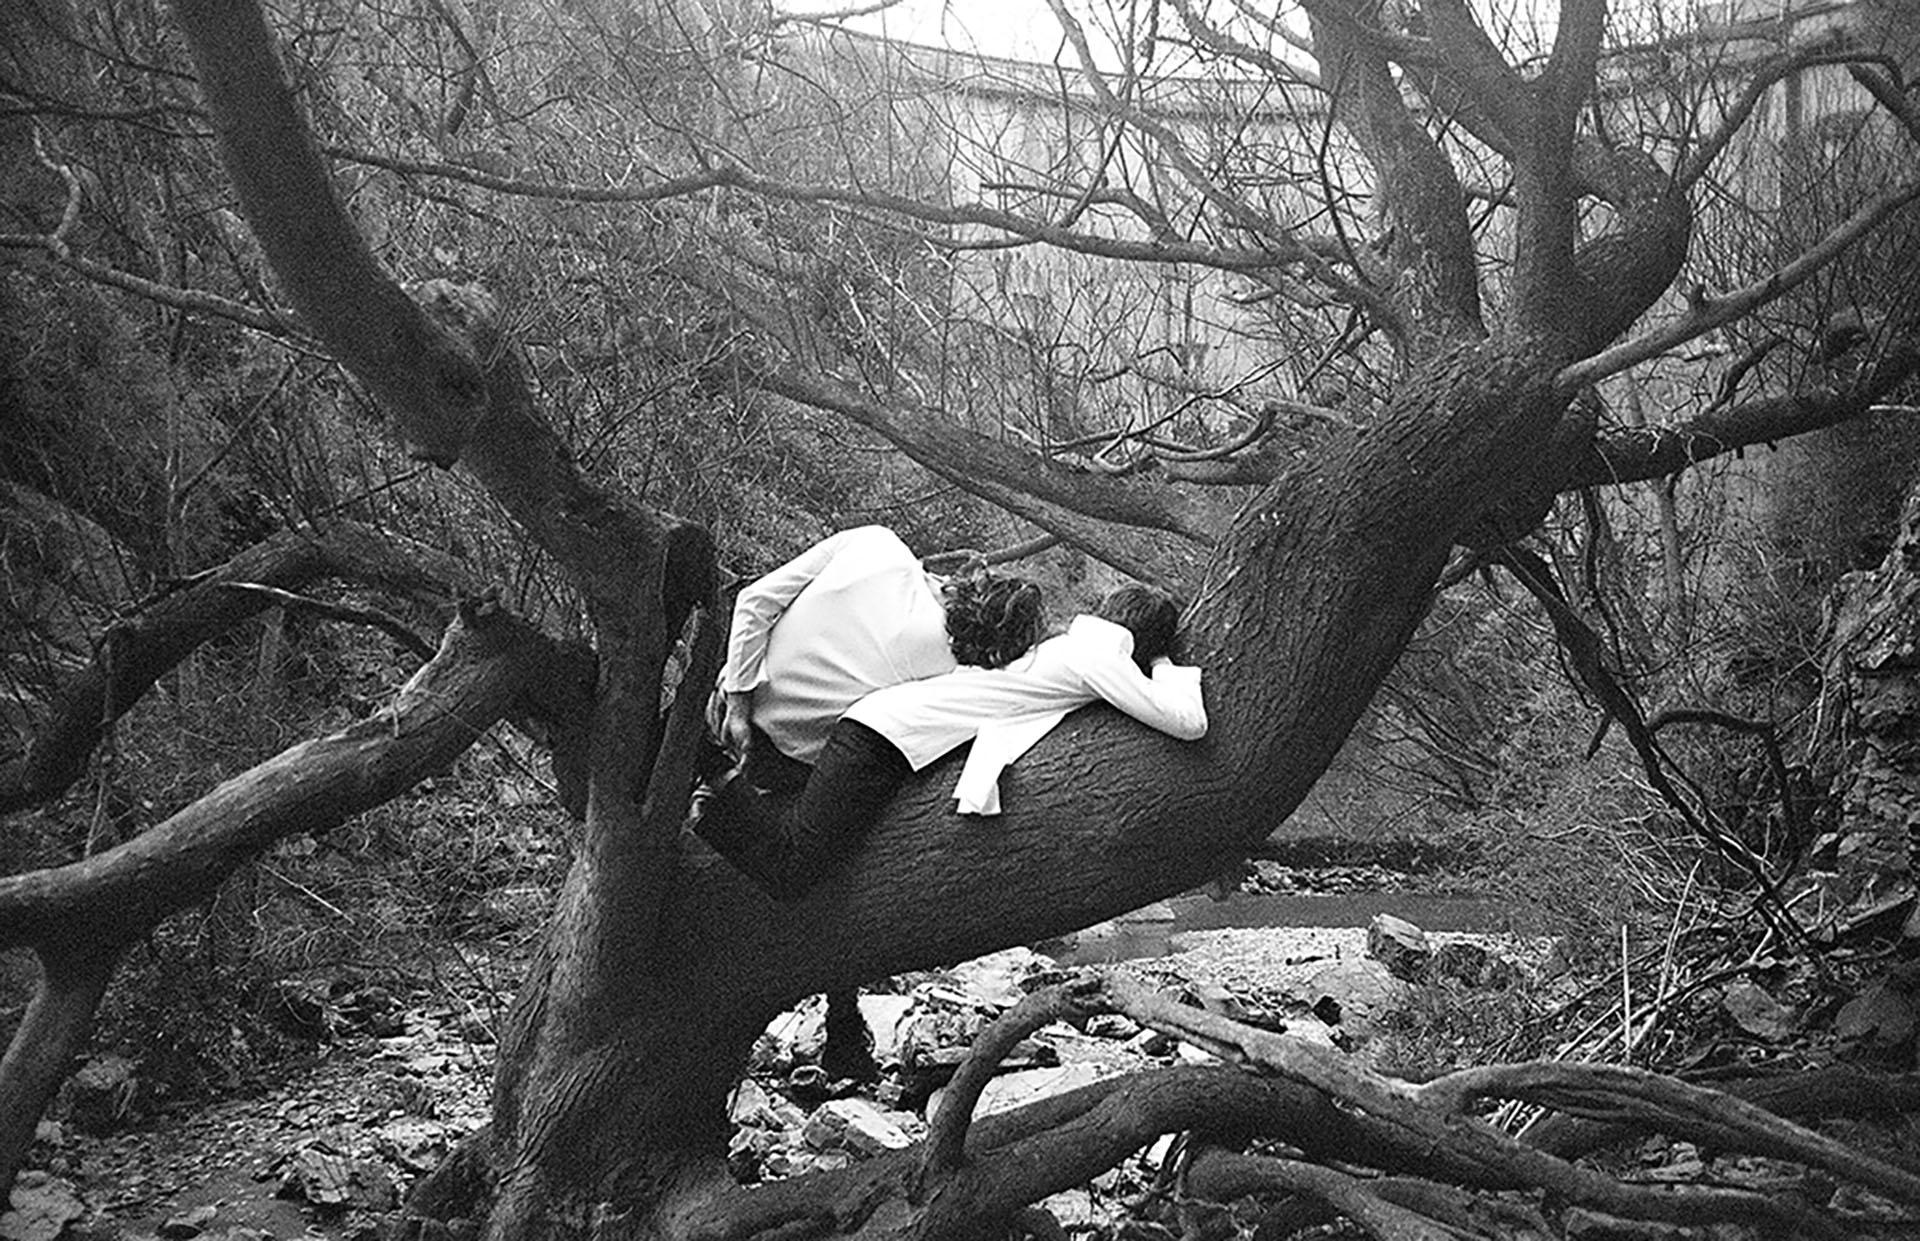 Nombre de la imagen: cuando quiero recordar – Fotógrafo: Bianca Rocca, Auckland University, New Zealand